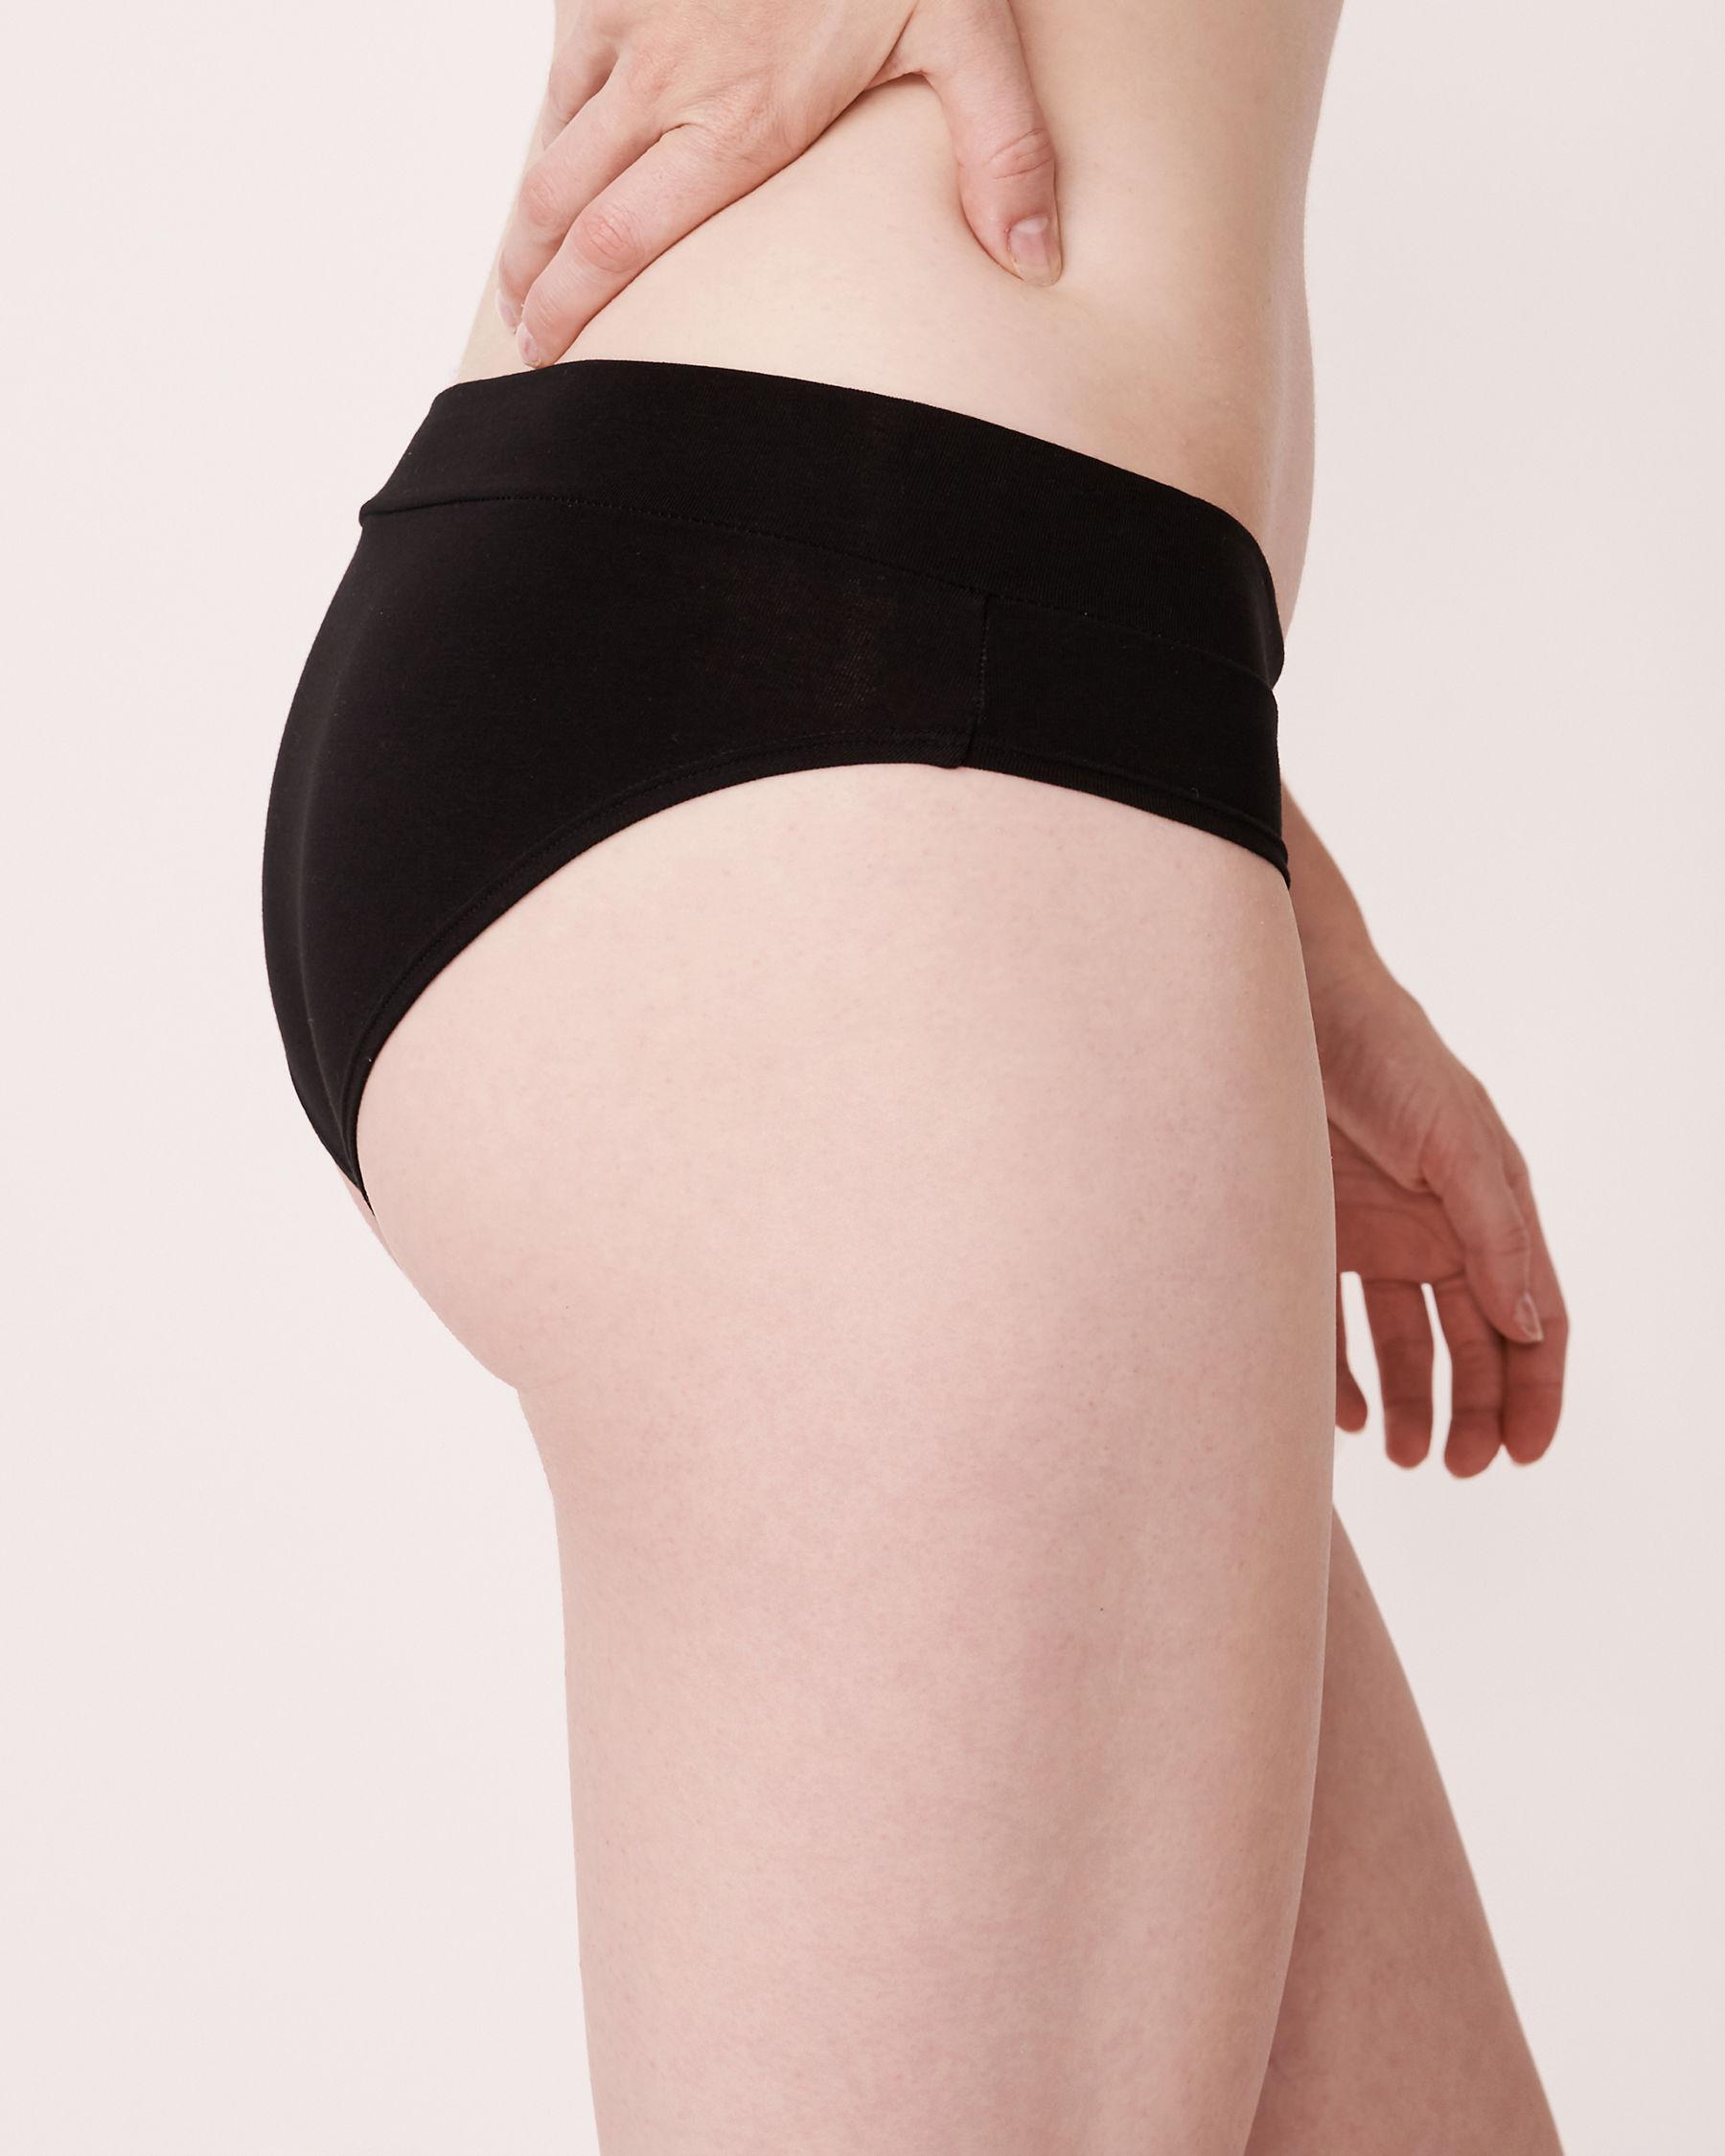 LA VIE EN ROSE Bikini Panty Black 564-212-0-00 - View2